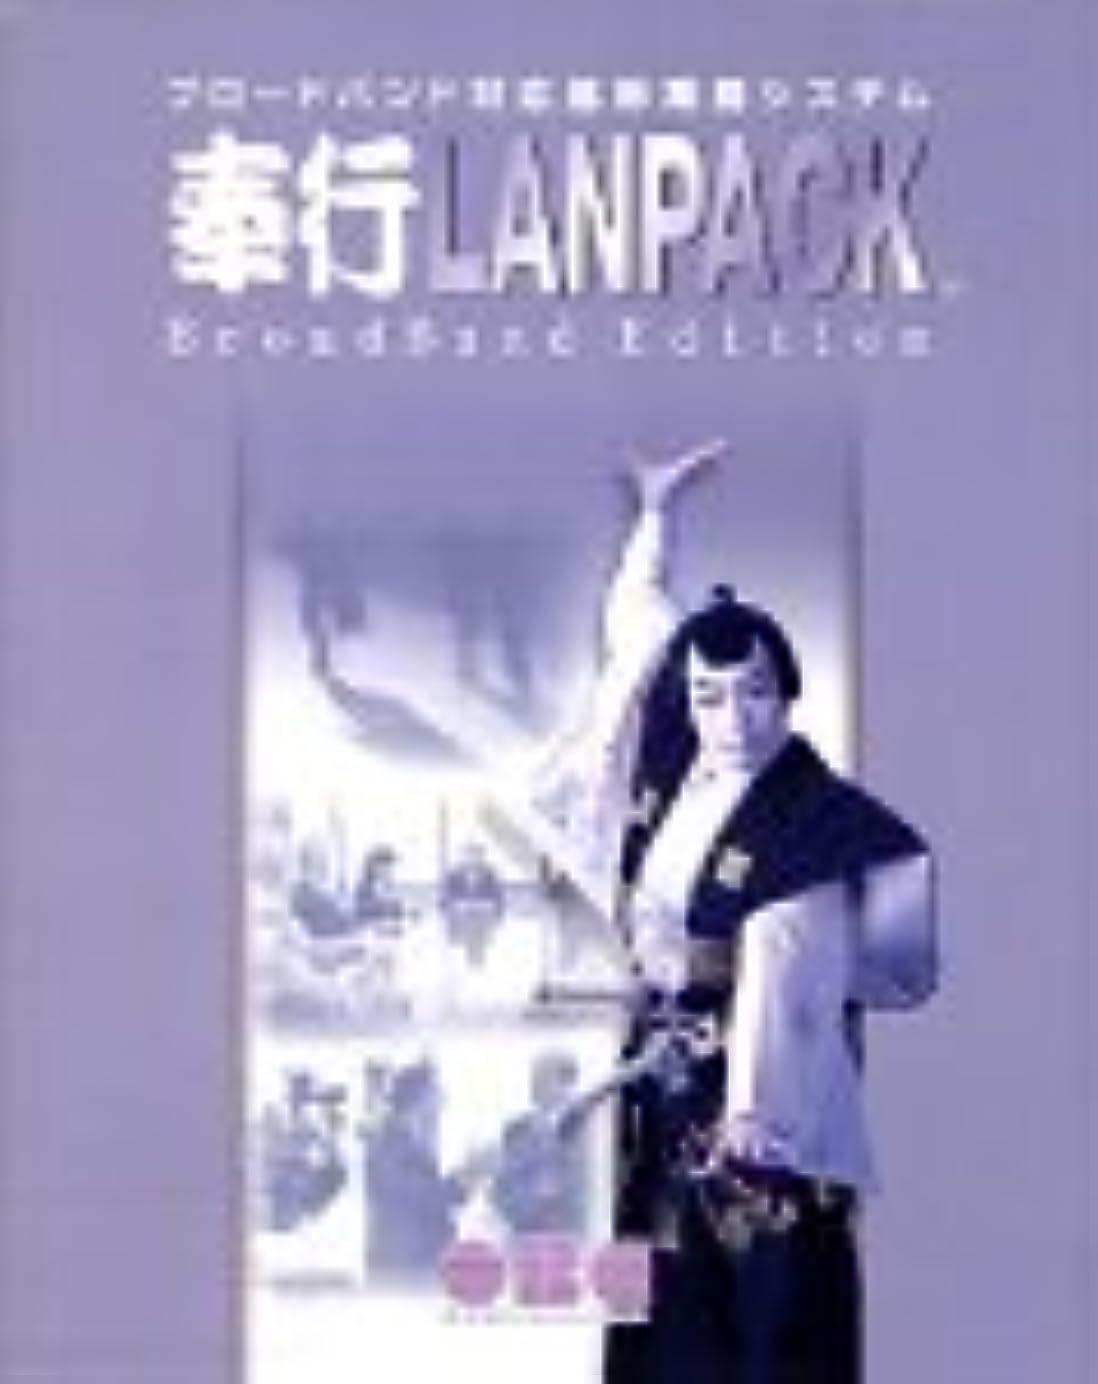 野心活力なめらかな給与奉行 21 LANPACK BroadBand Edition for Windows Type A 10ライセンス